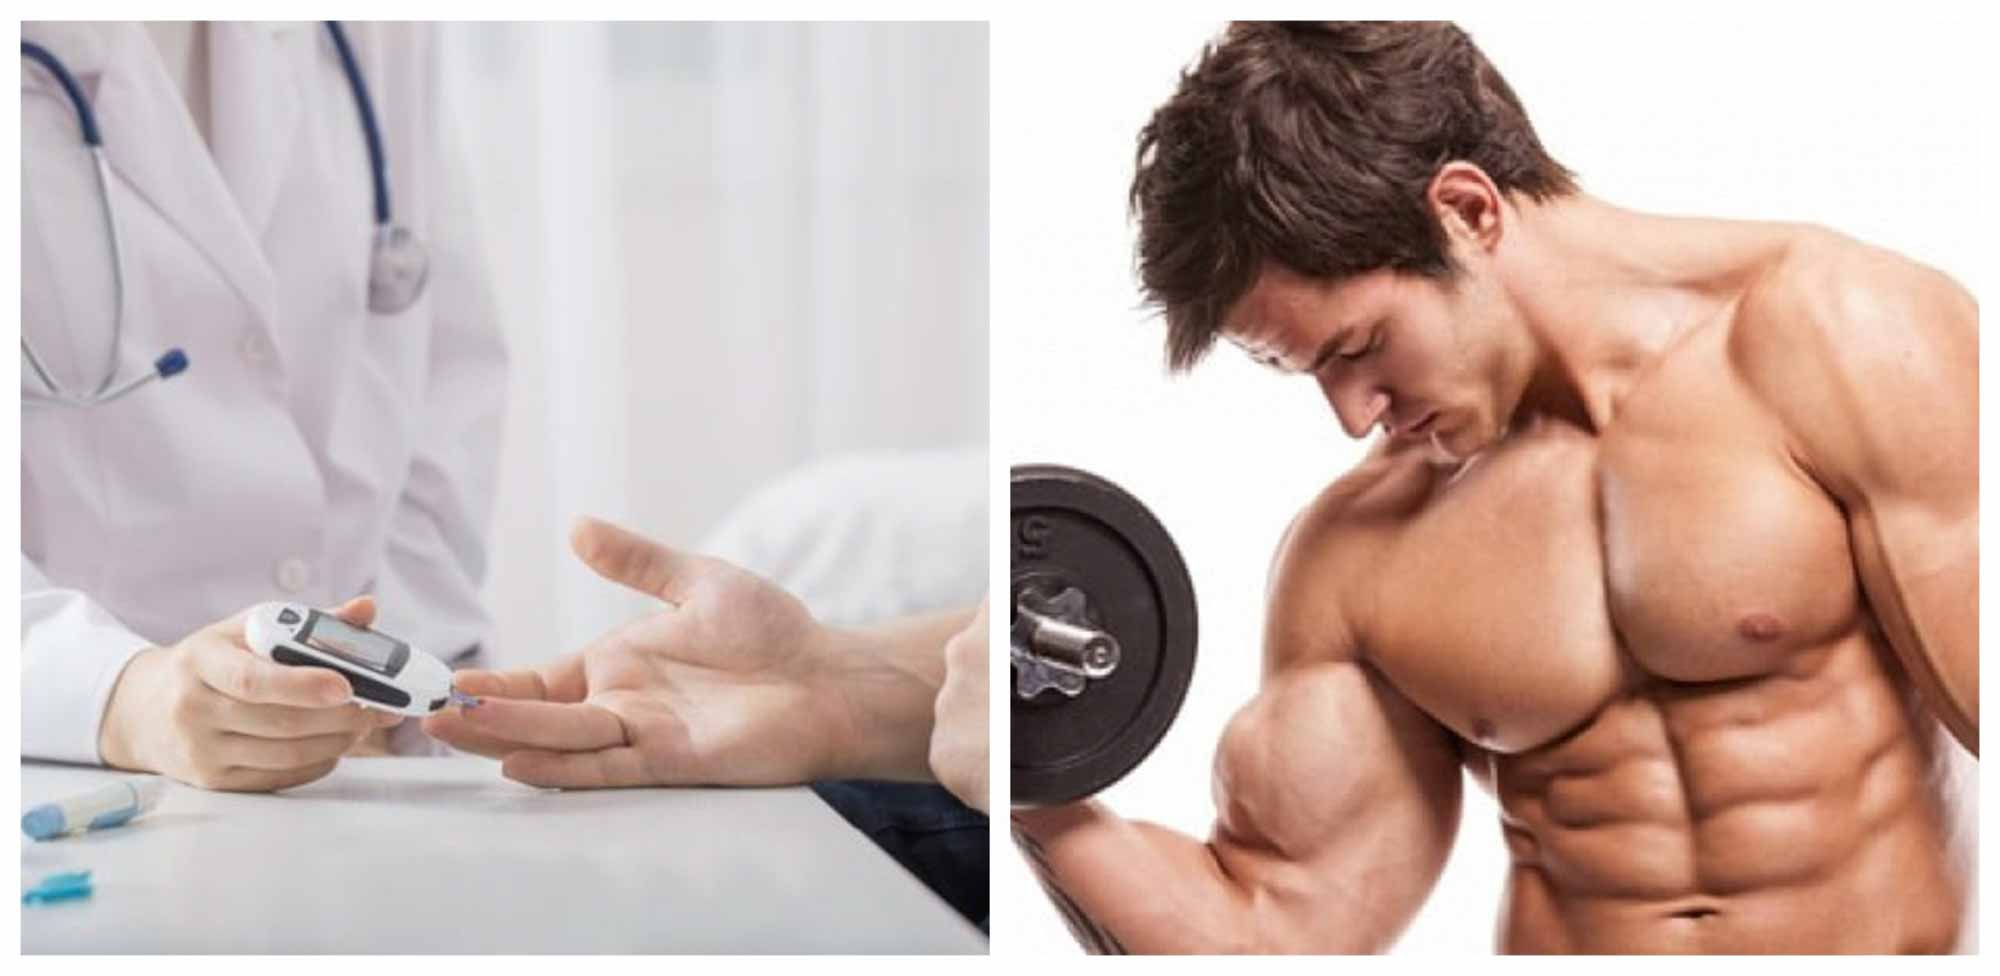 Наращивание мышечной массы снижает риск диабета на 32%